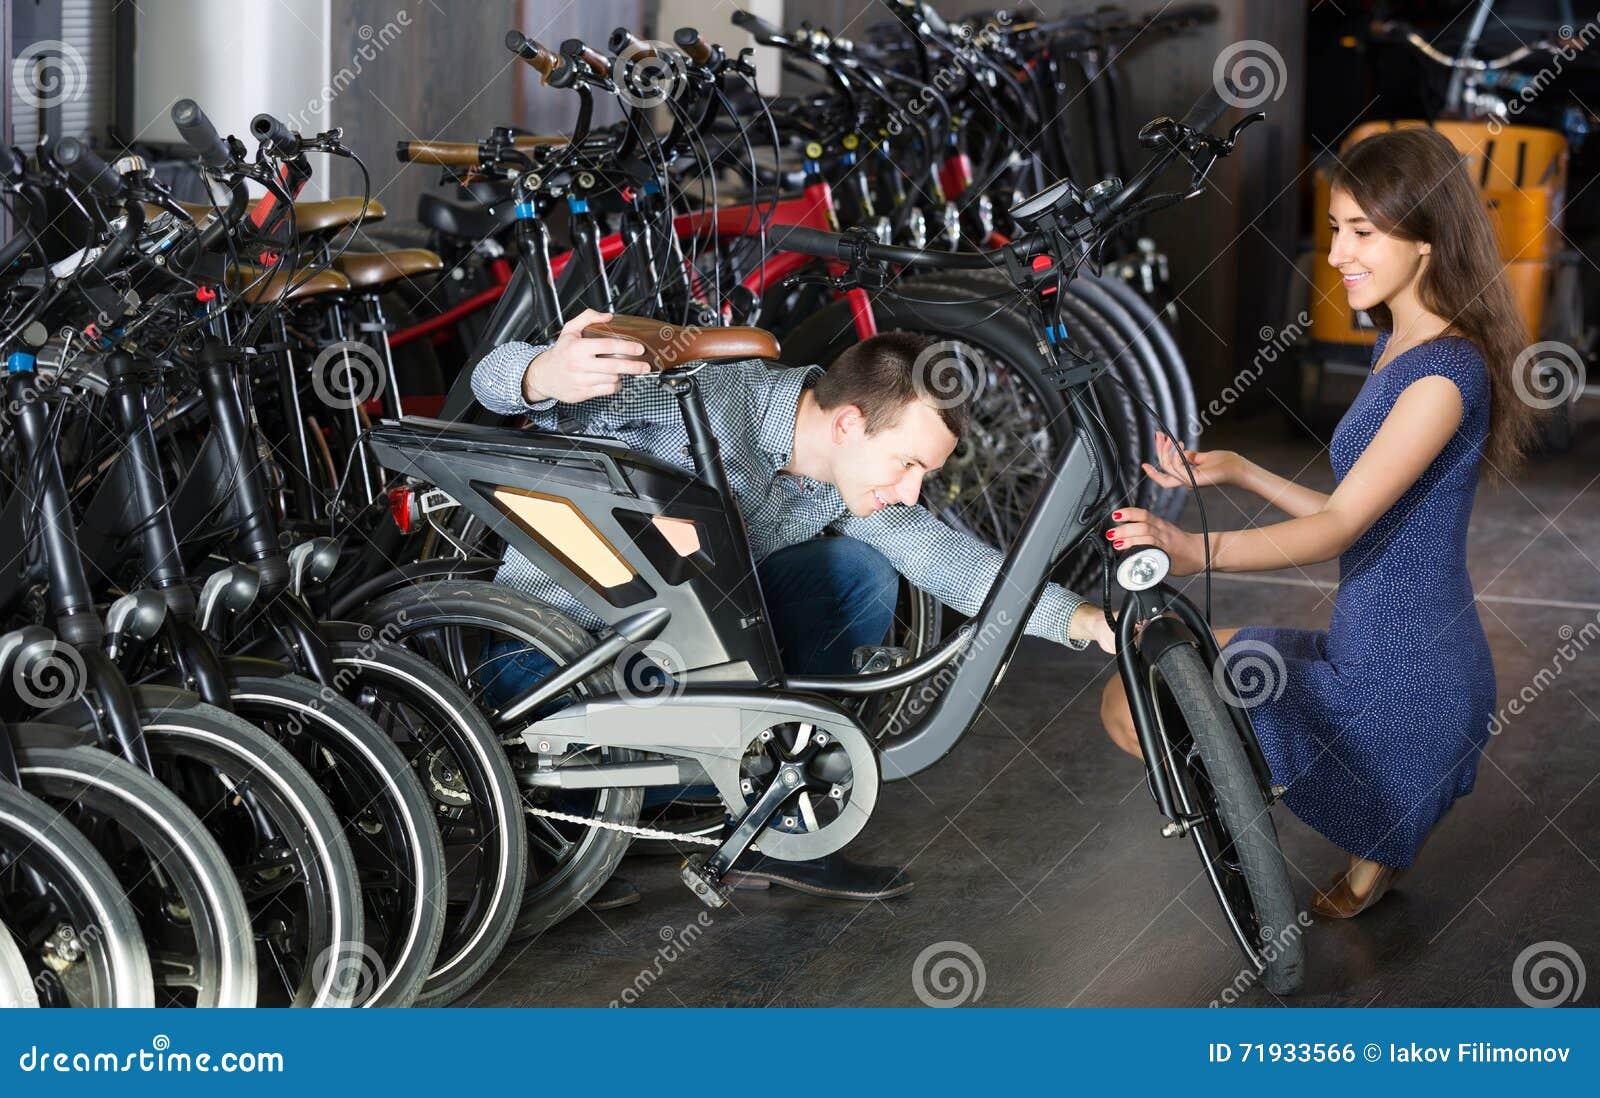 Парень порции работника взрослый для того чтобы выбрать велосипед на арендном агенстве